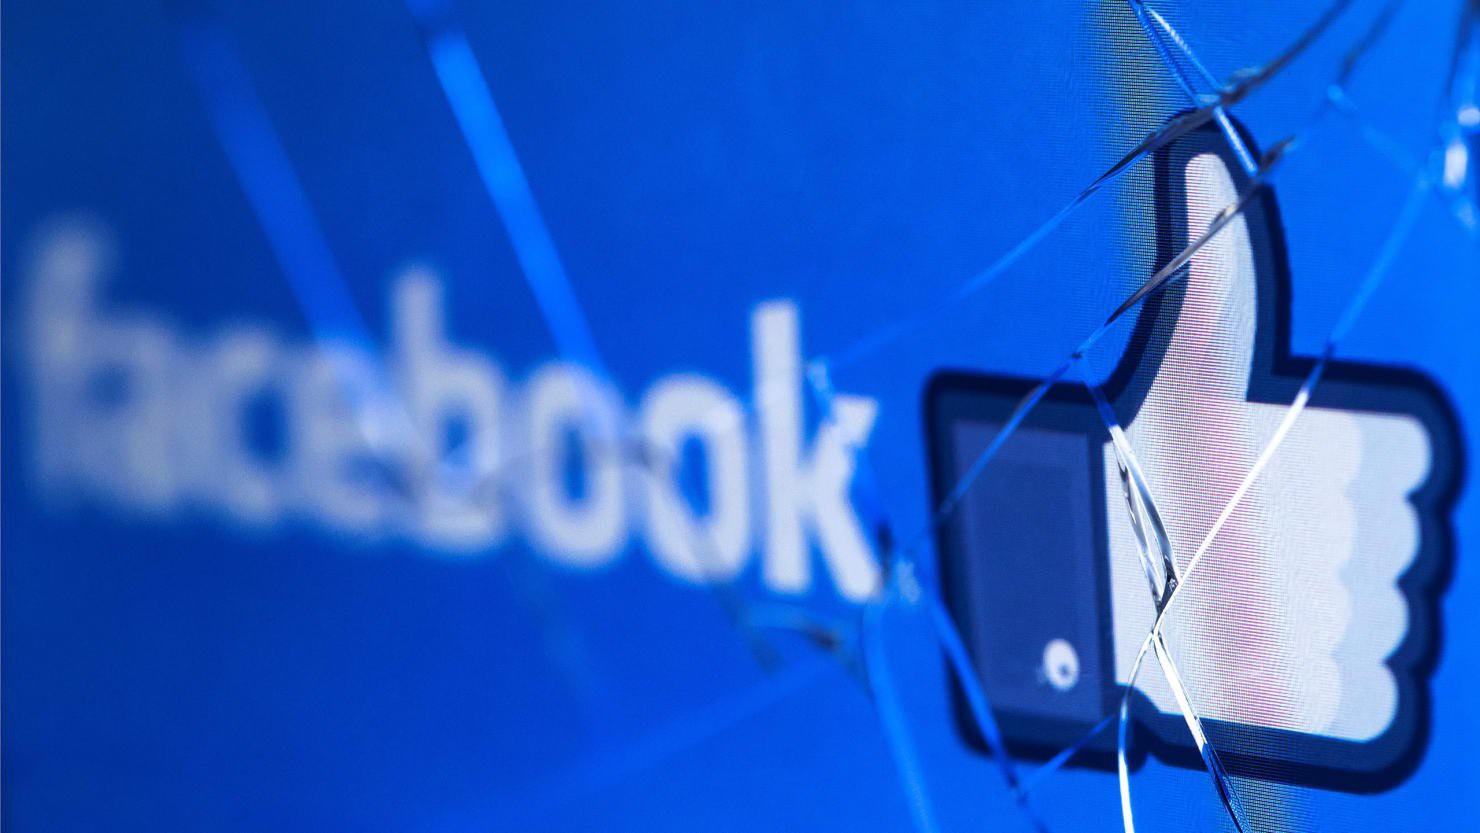 81.000 người dùng Facebook vừa bị hack tin nhắn Messenger, rao bán chỉ 2.000 đồng/tài khoản - Ảnh 2.